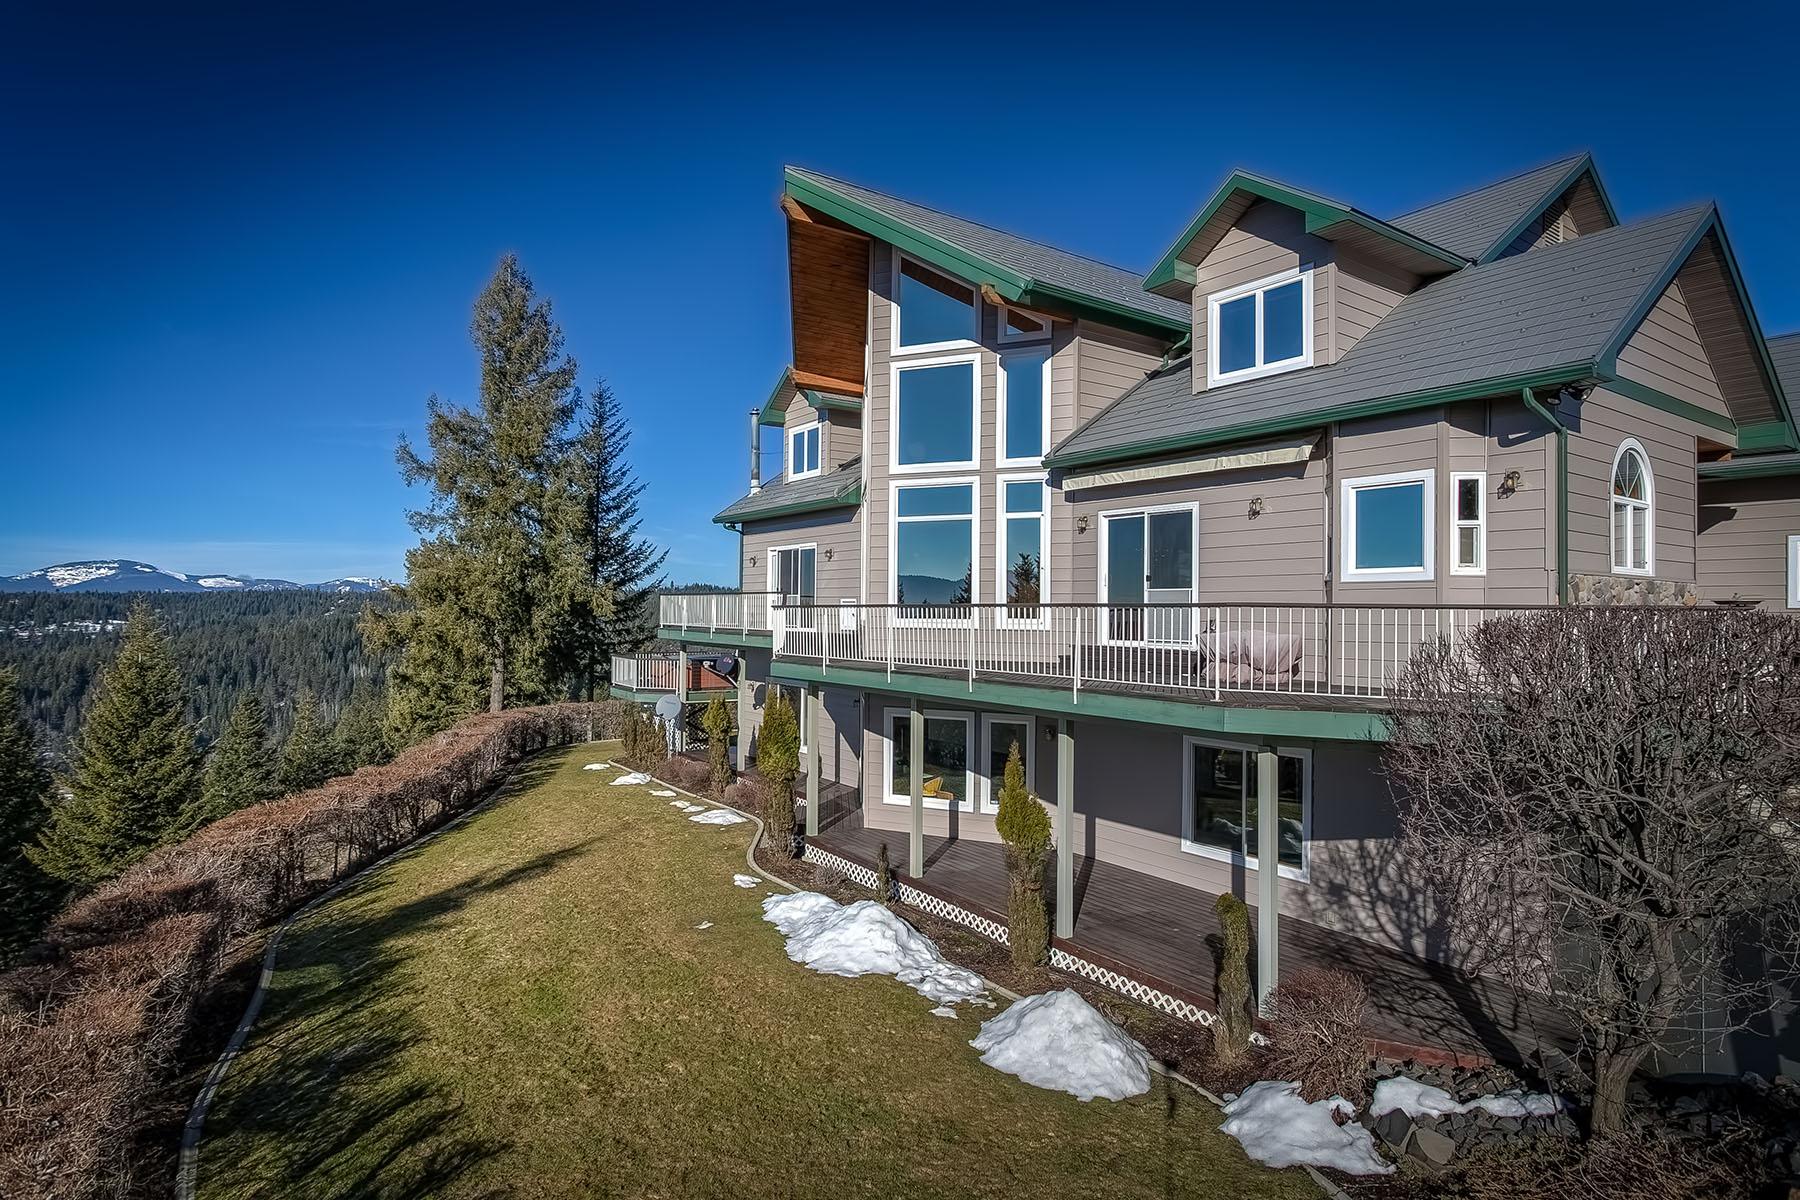 Casa Unifamiliar por un Venta en Rising Star Retreat 16200 N Rising Star Rd Hayden, Idaho, 83835 Estados Unidos